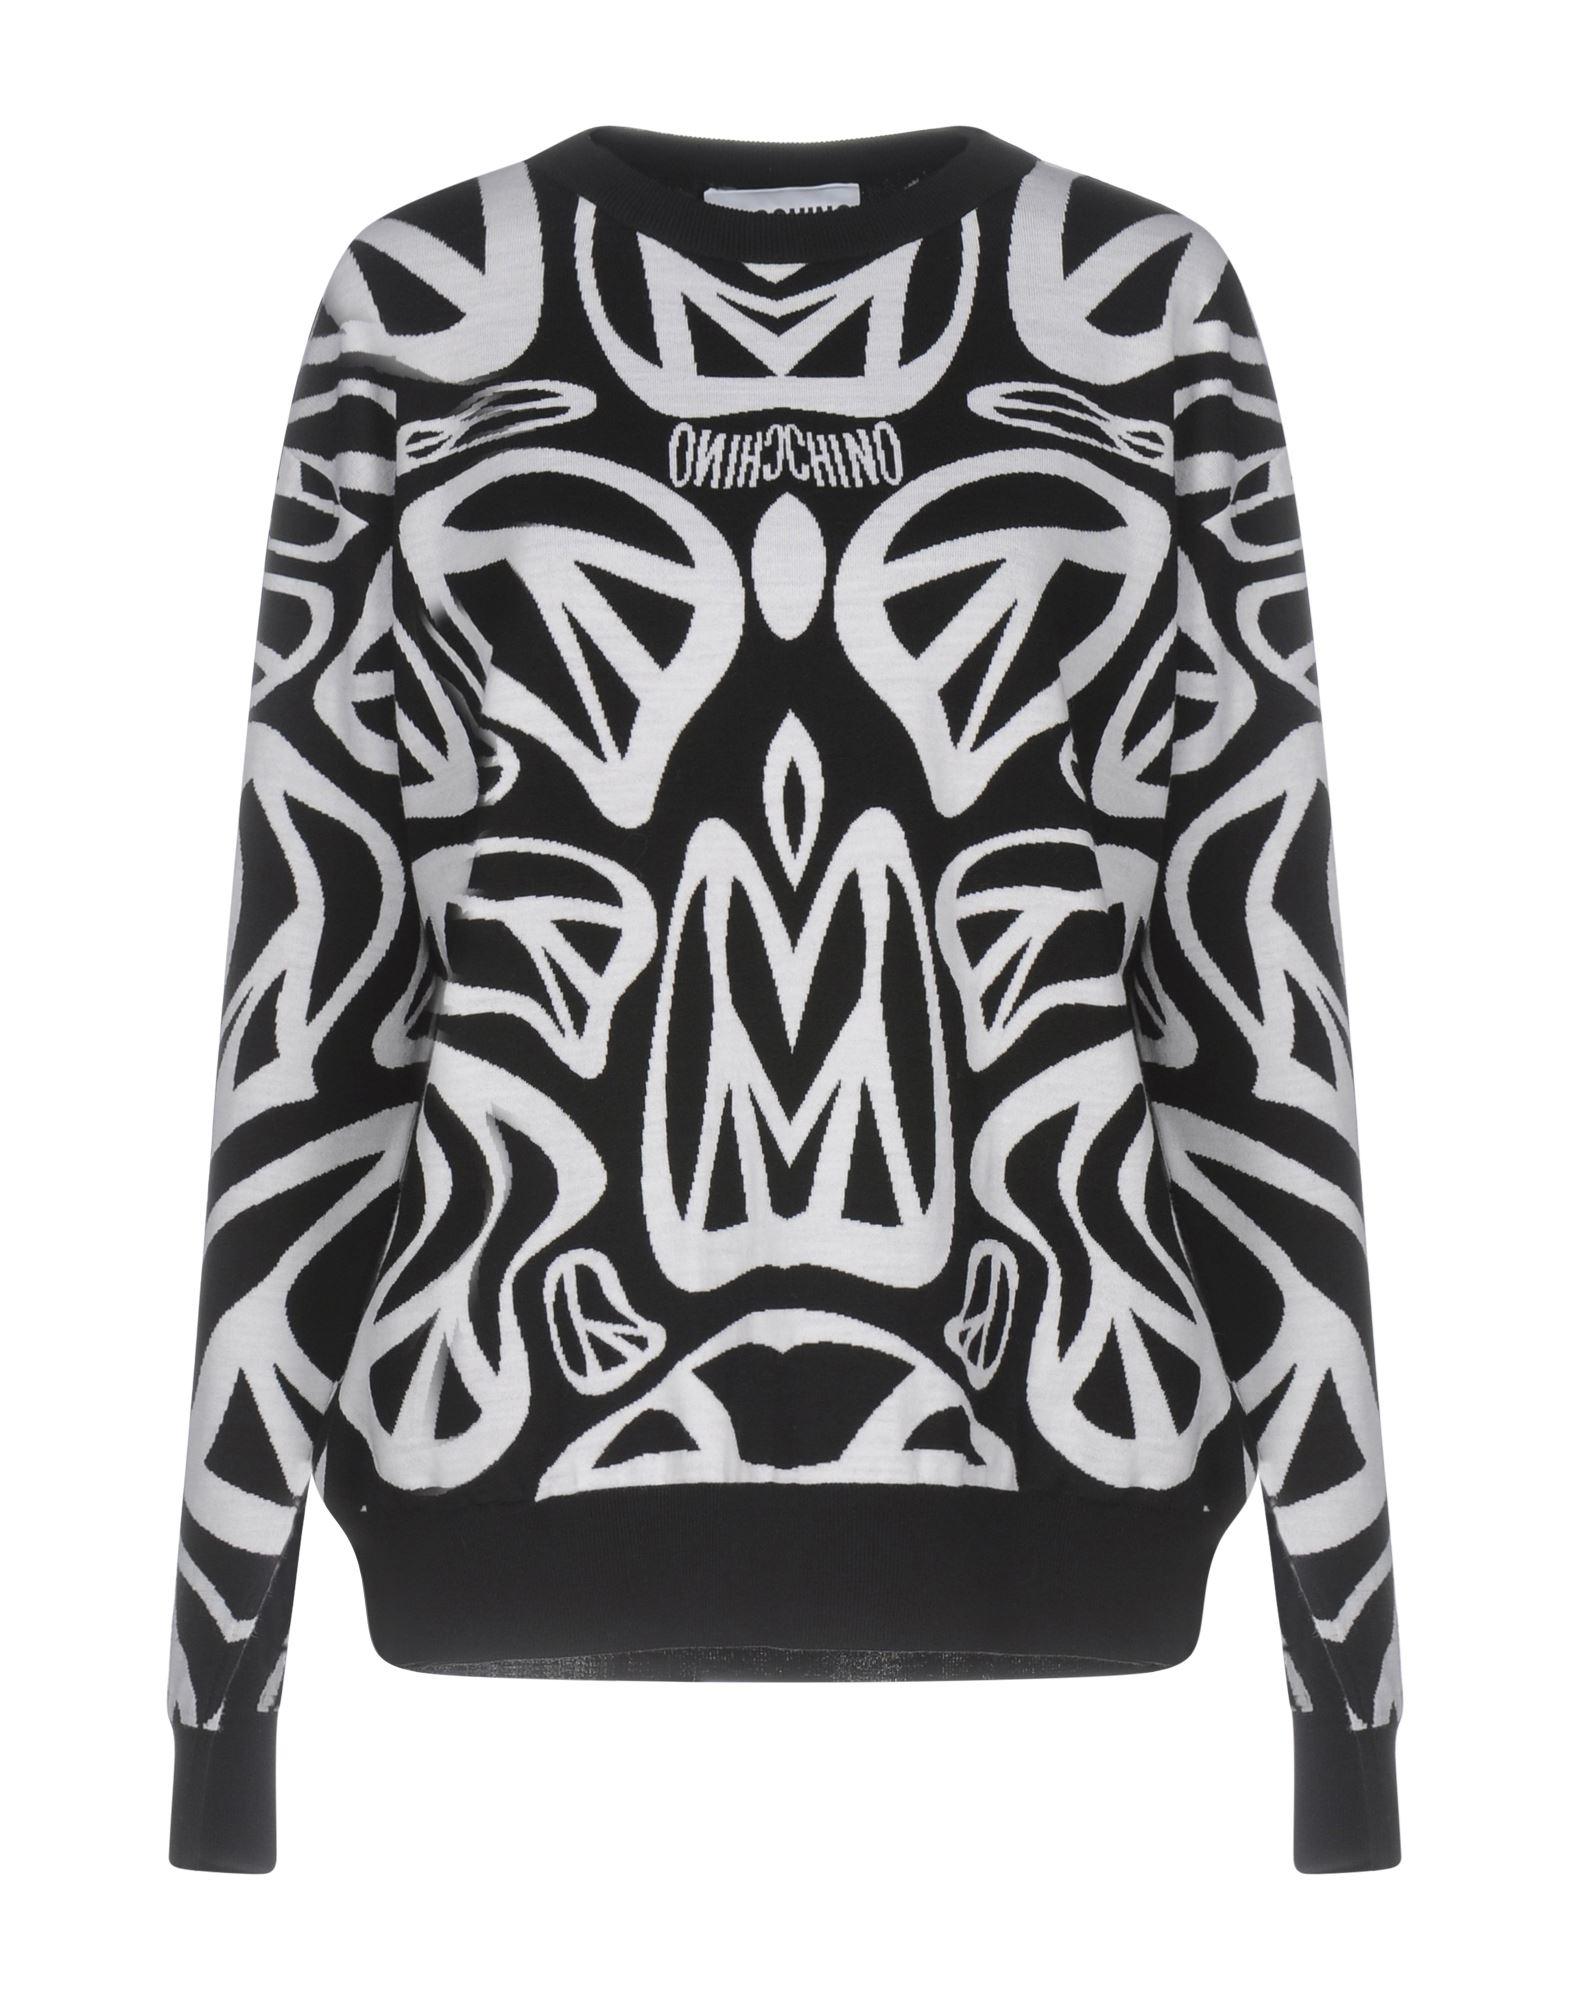 мужской свитер купить в туле